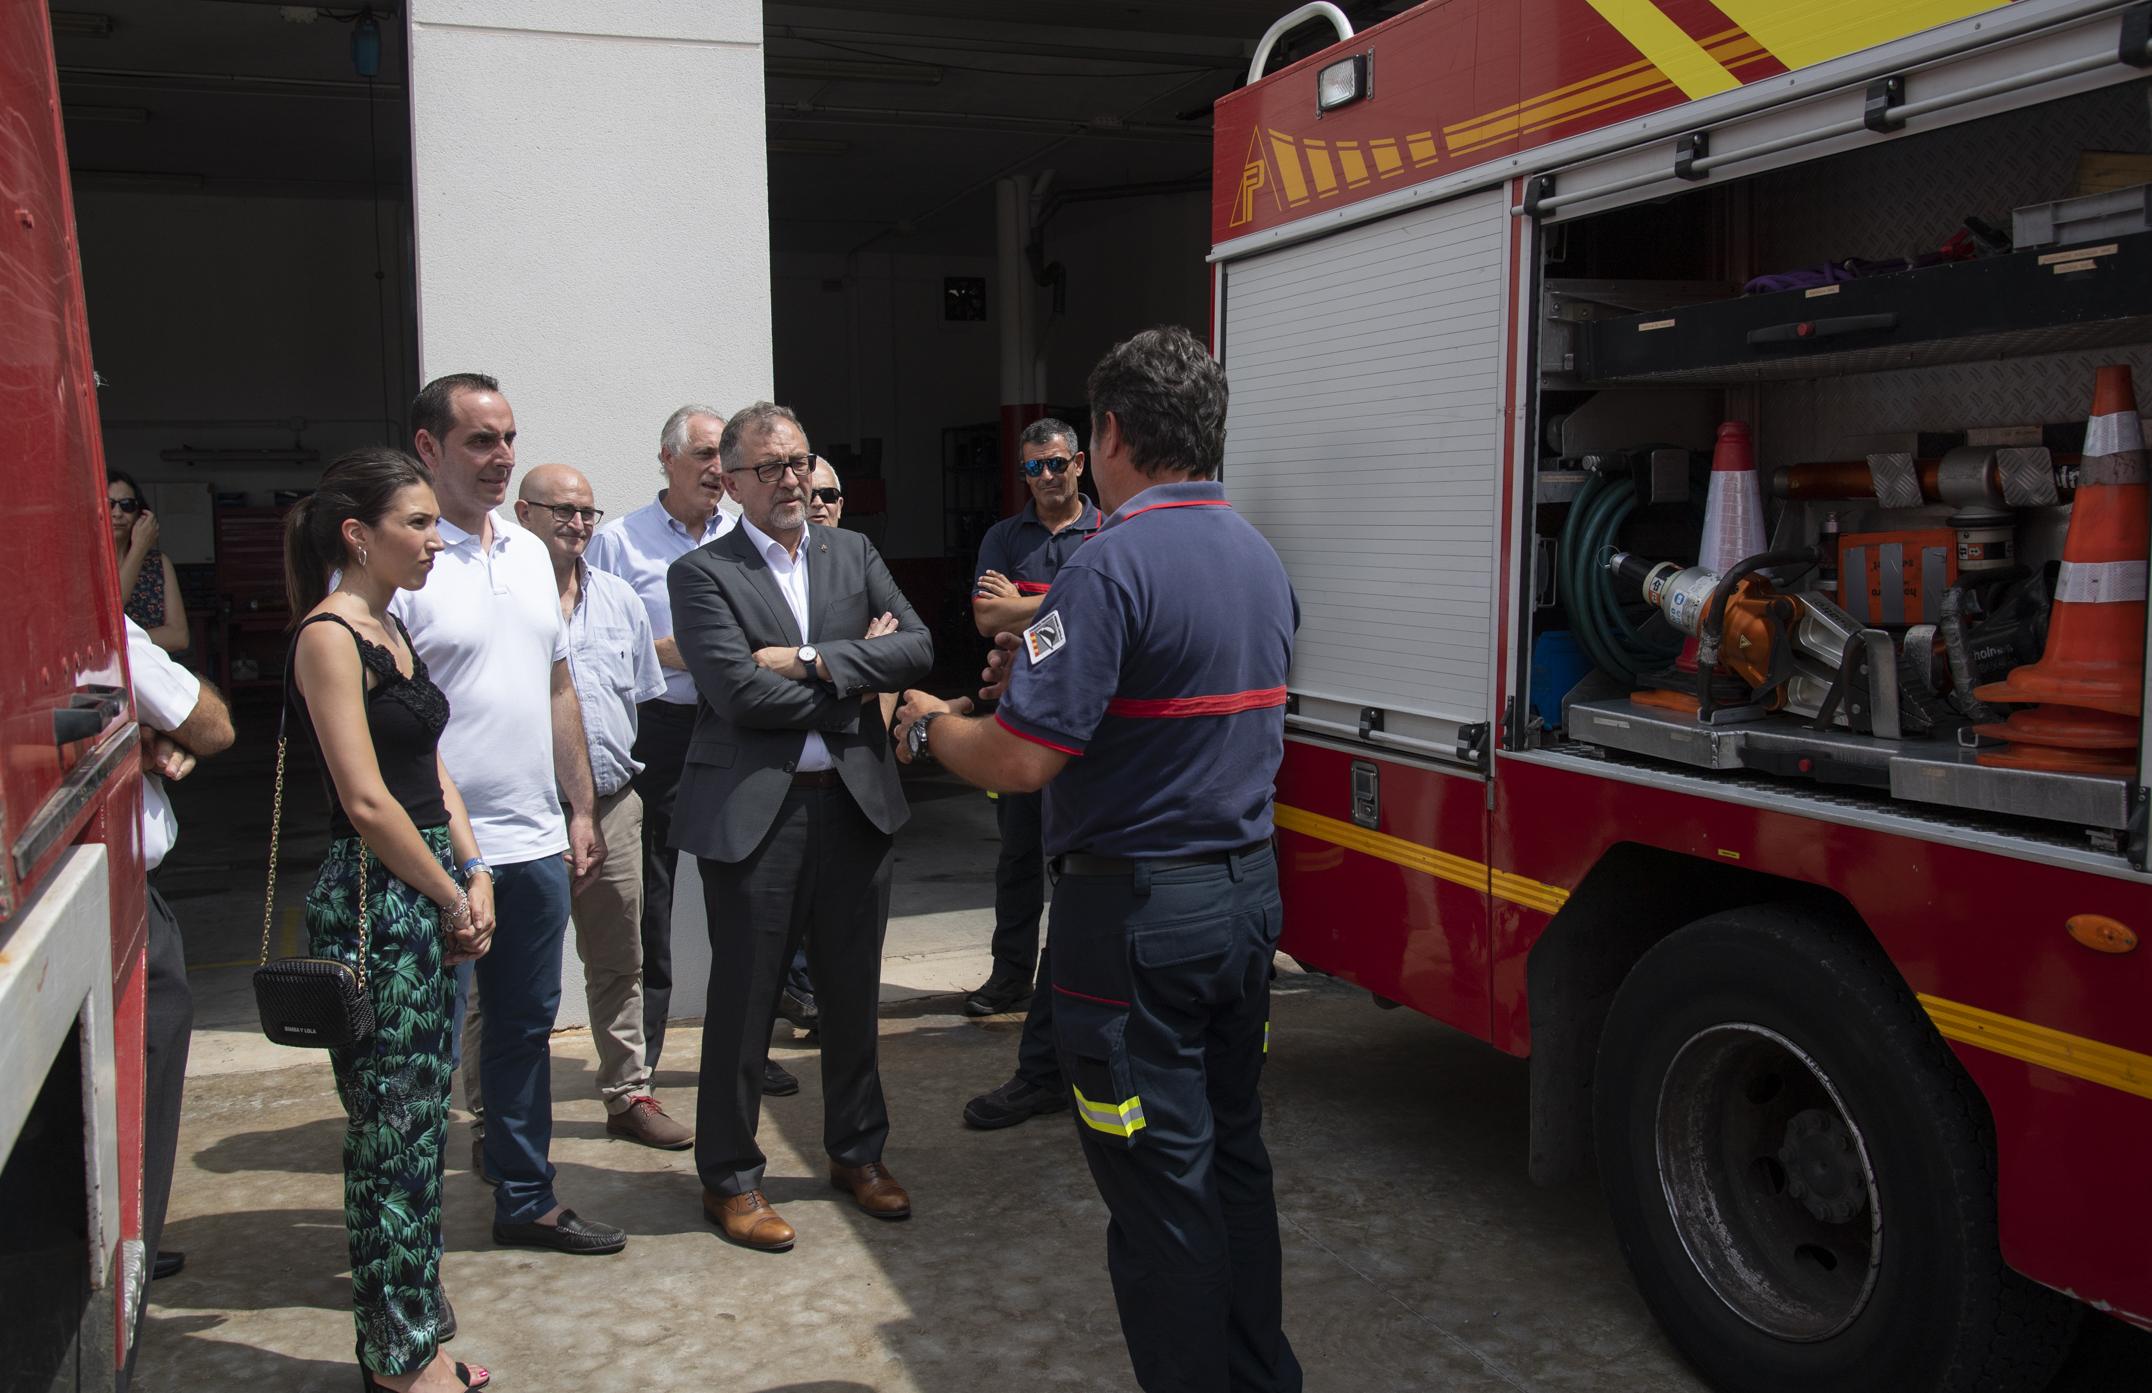 La Diputación de Castellón lanza un vídeo pidiendo a la ciudadanía que extreme todas las precauciones para evitar incendios forestales